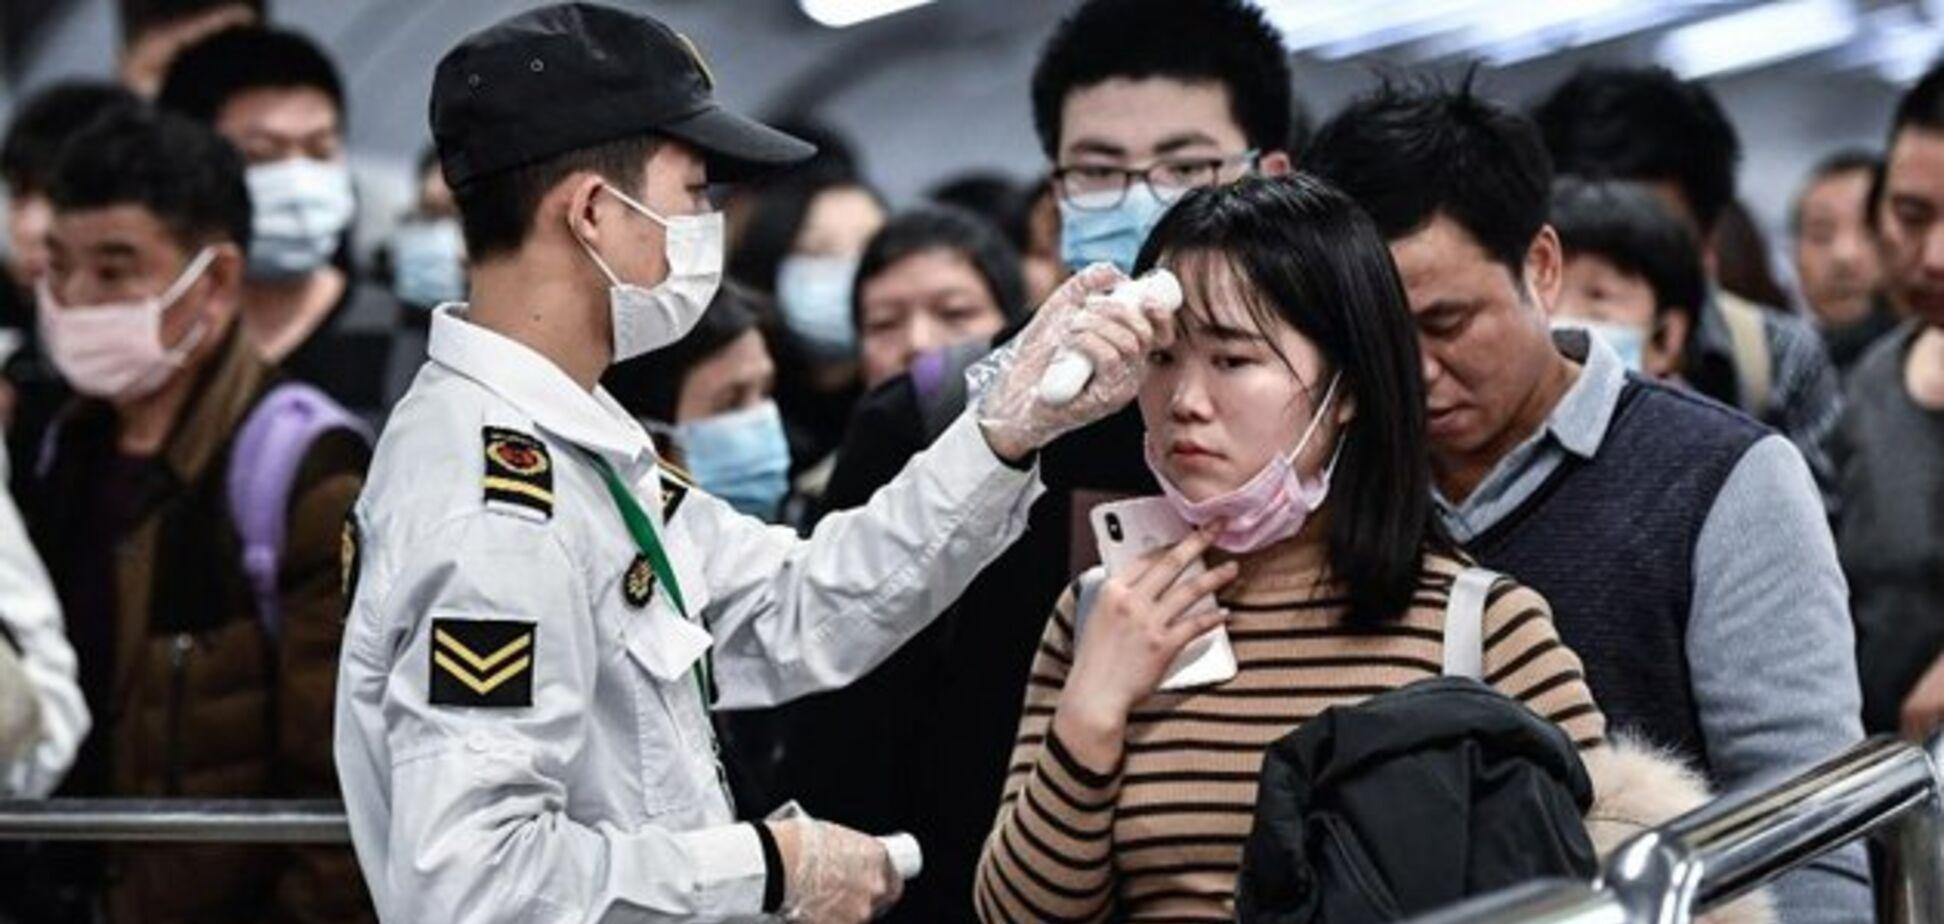 Масового спалаху коронавируса вдалося б уникнути, якби Китай не гнобив свободу слова